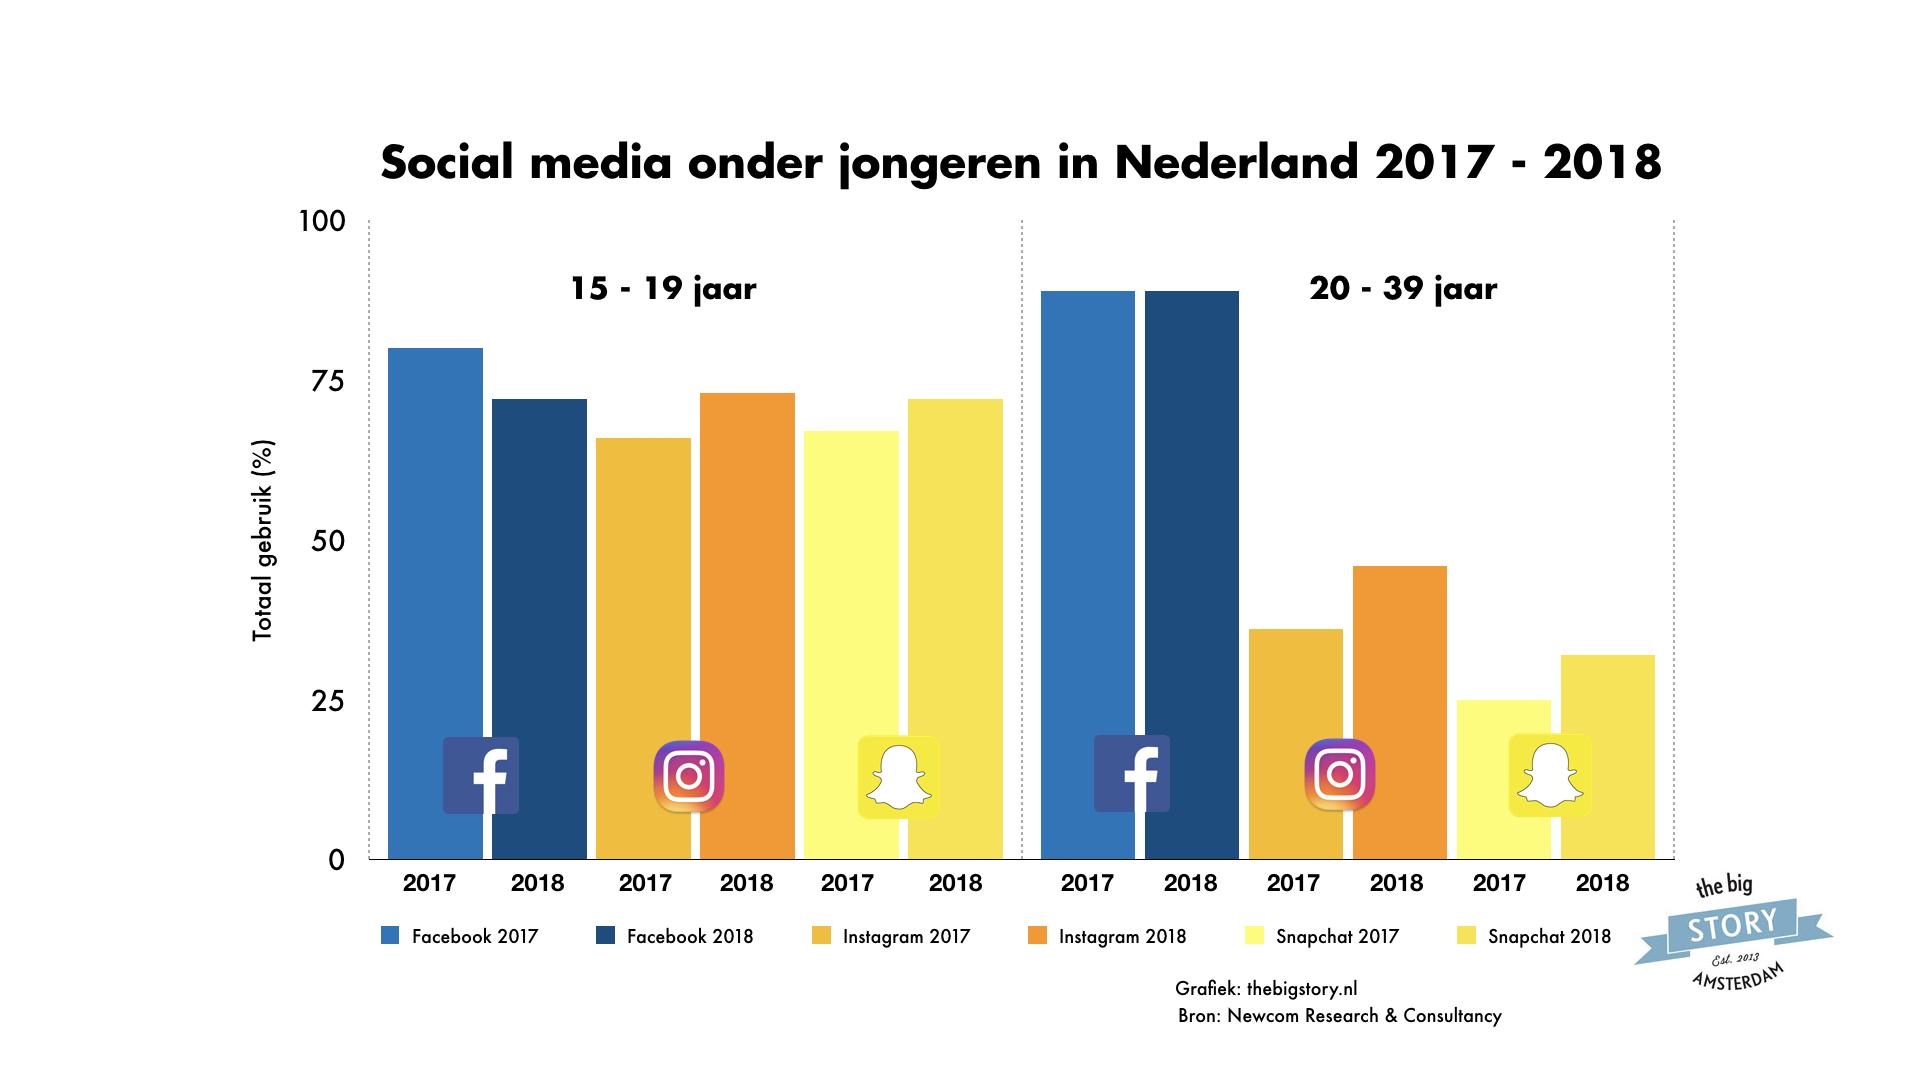 social media jongeren nederland 2017-2018 Facebook, Instagram, Snapchat